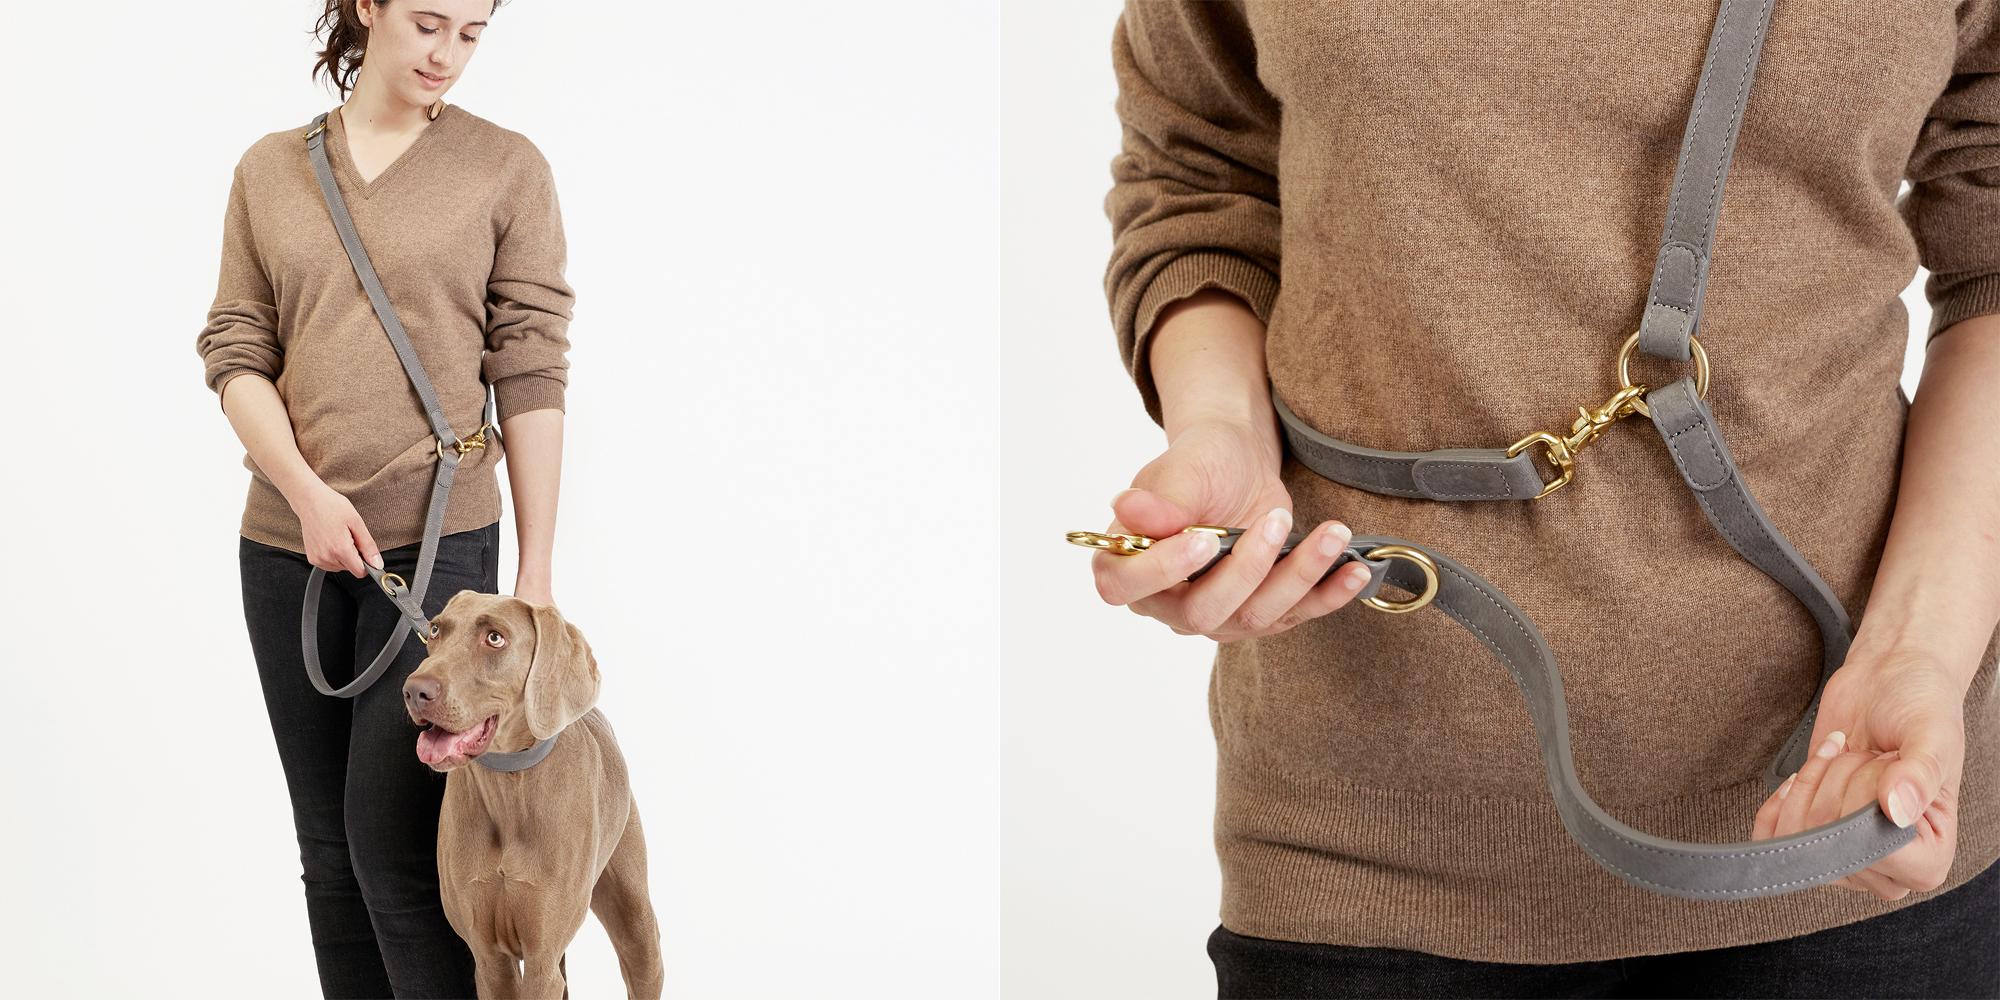 愛犬用革製リード from ドイツ。Cloud7の柔らかい革製リードです。トープ(明るい灰色)。